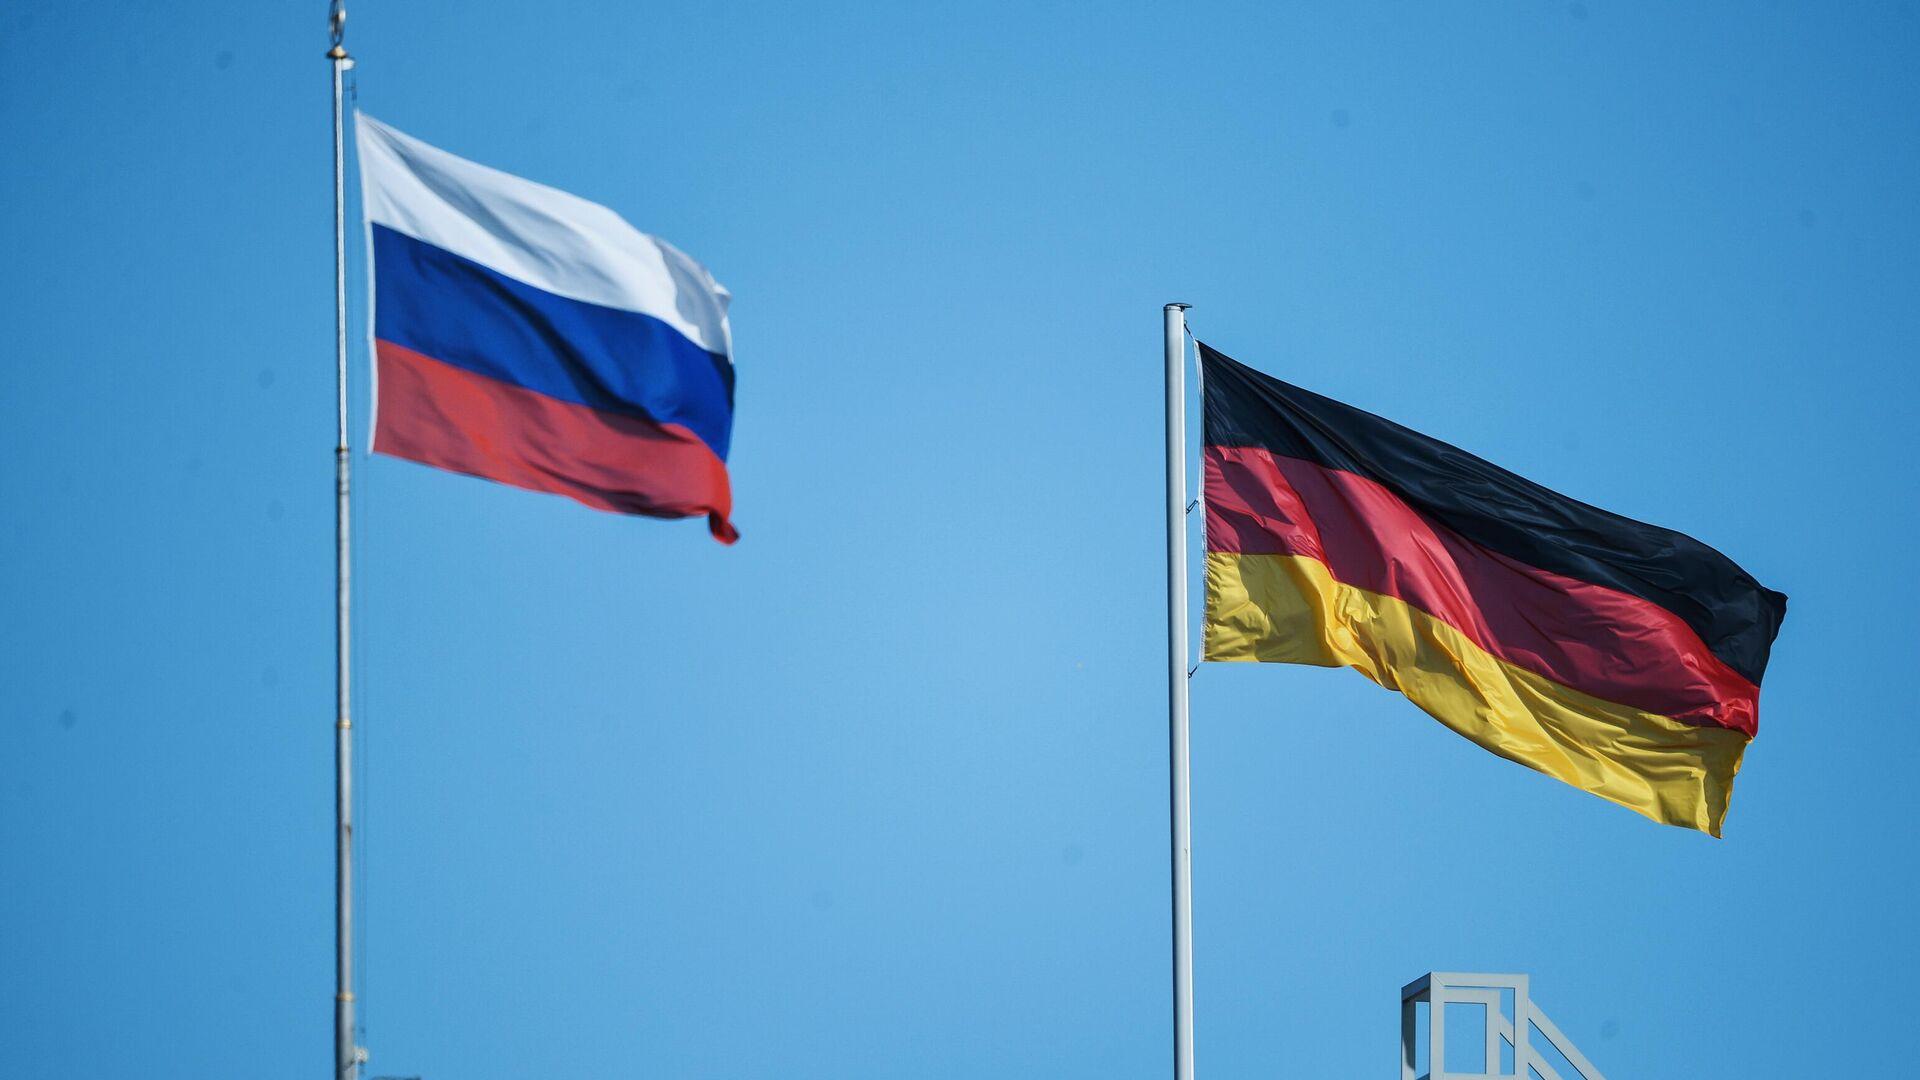 Russland und Deutschland (Symbolbild) - SNA, 1920, 25.02.2021